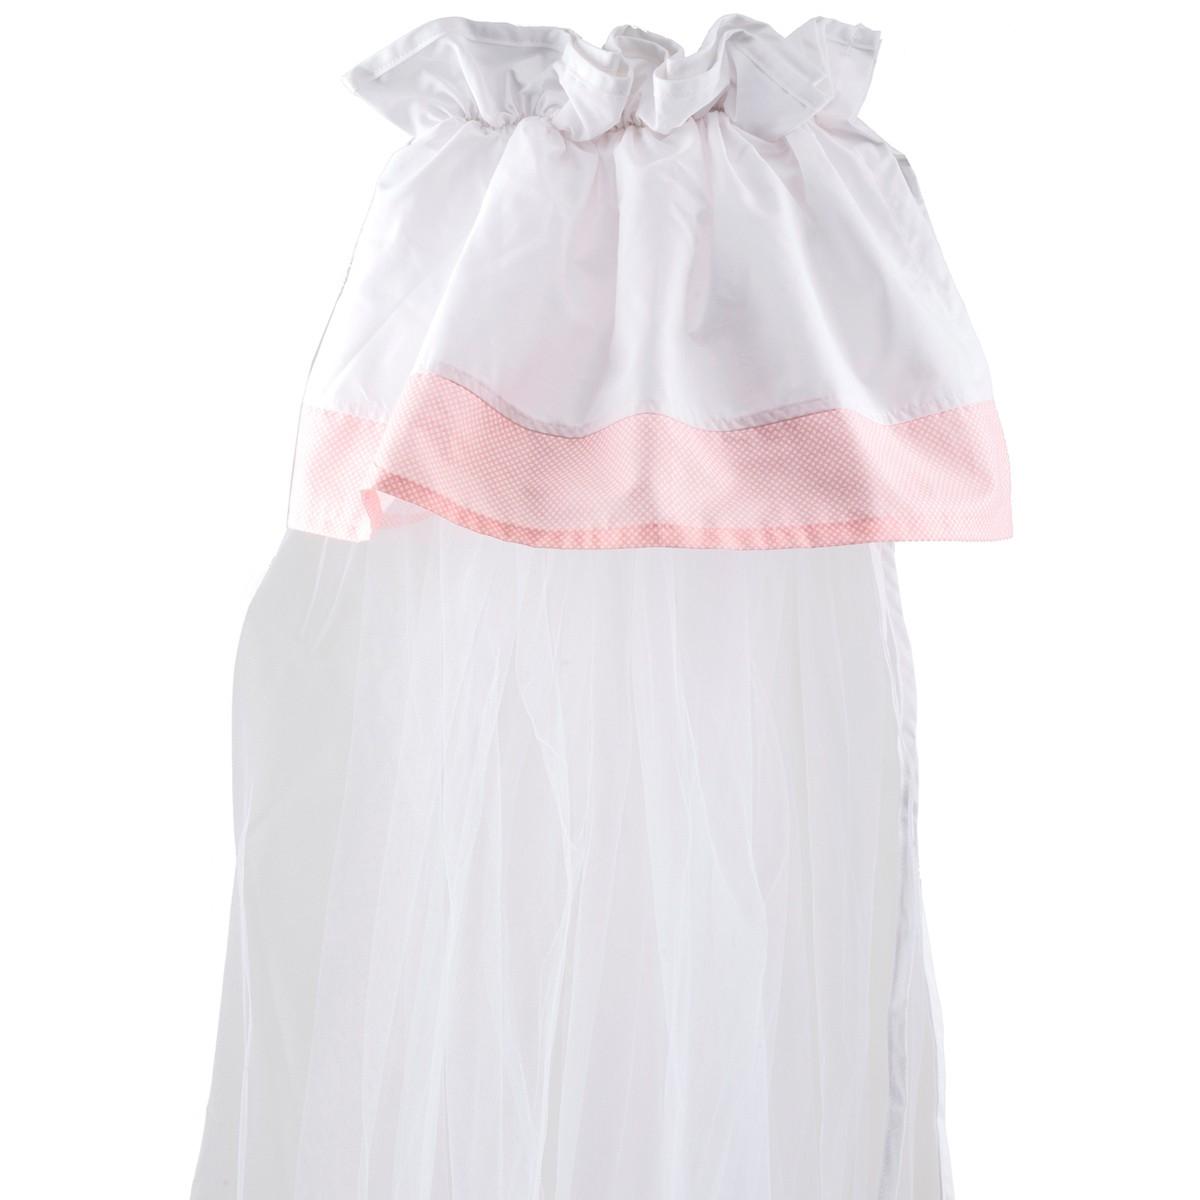 Κουνουπιέρα Λίκνου Κόσμος Του Μωρού 0882 Countryside Ροζ